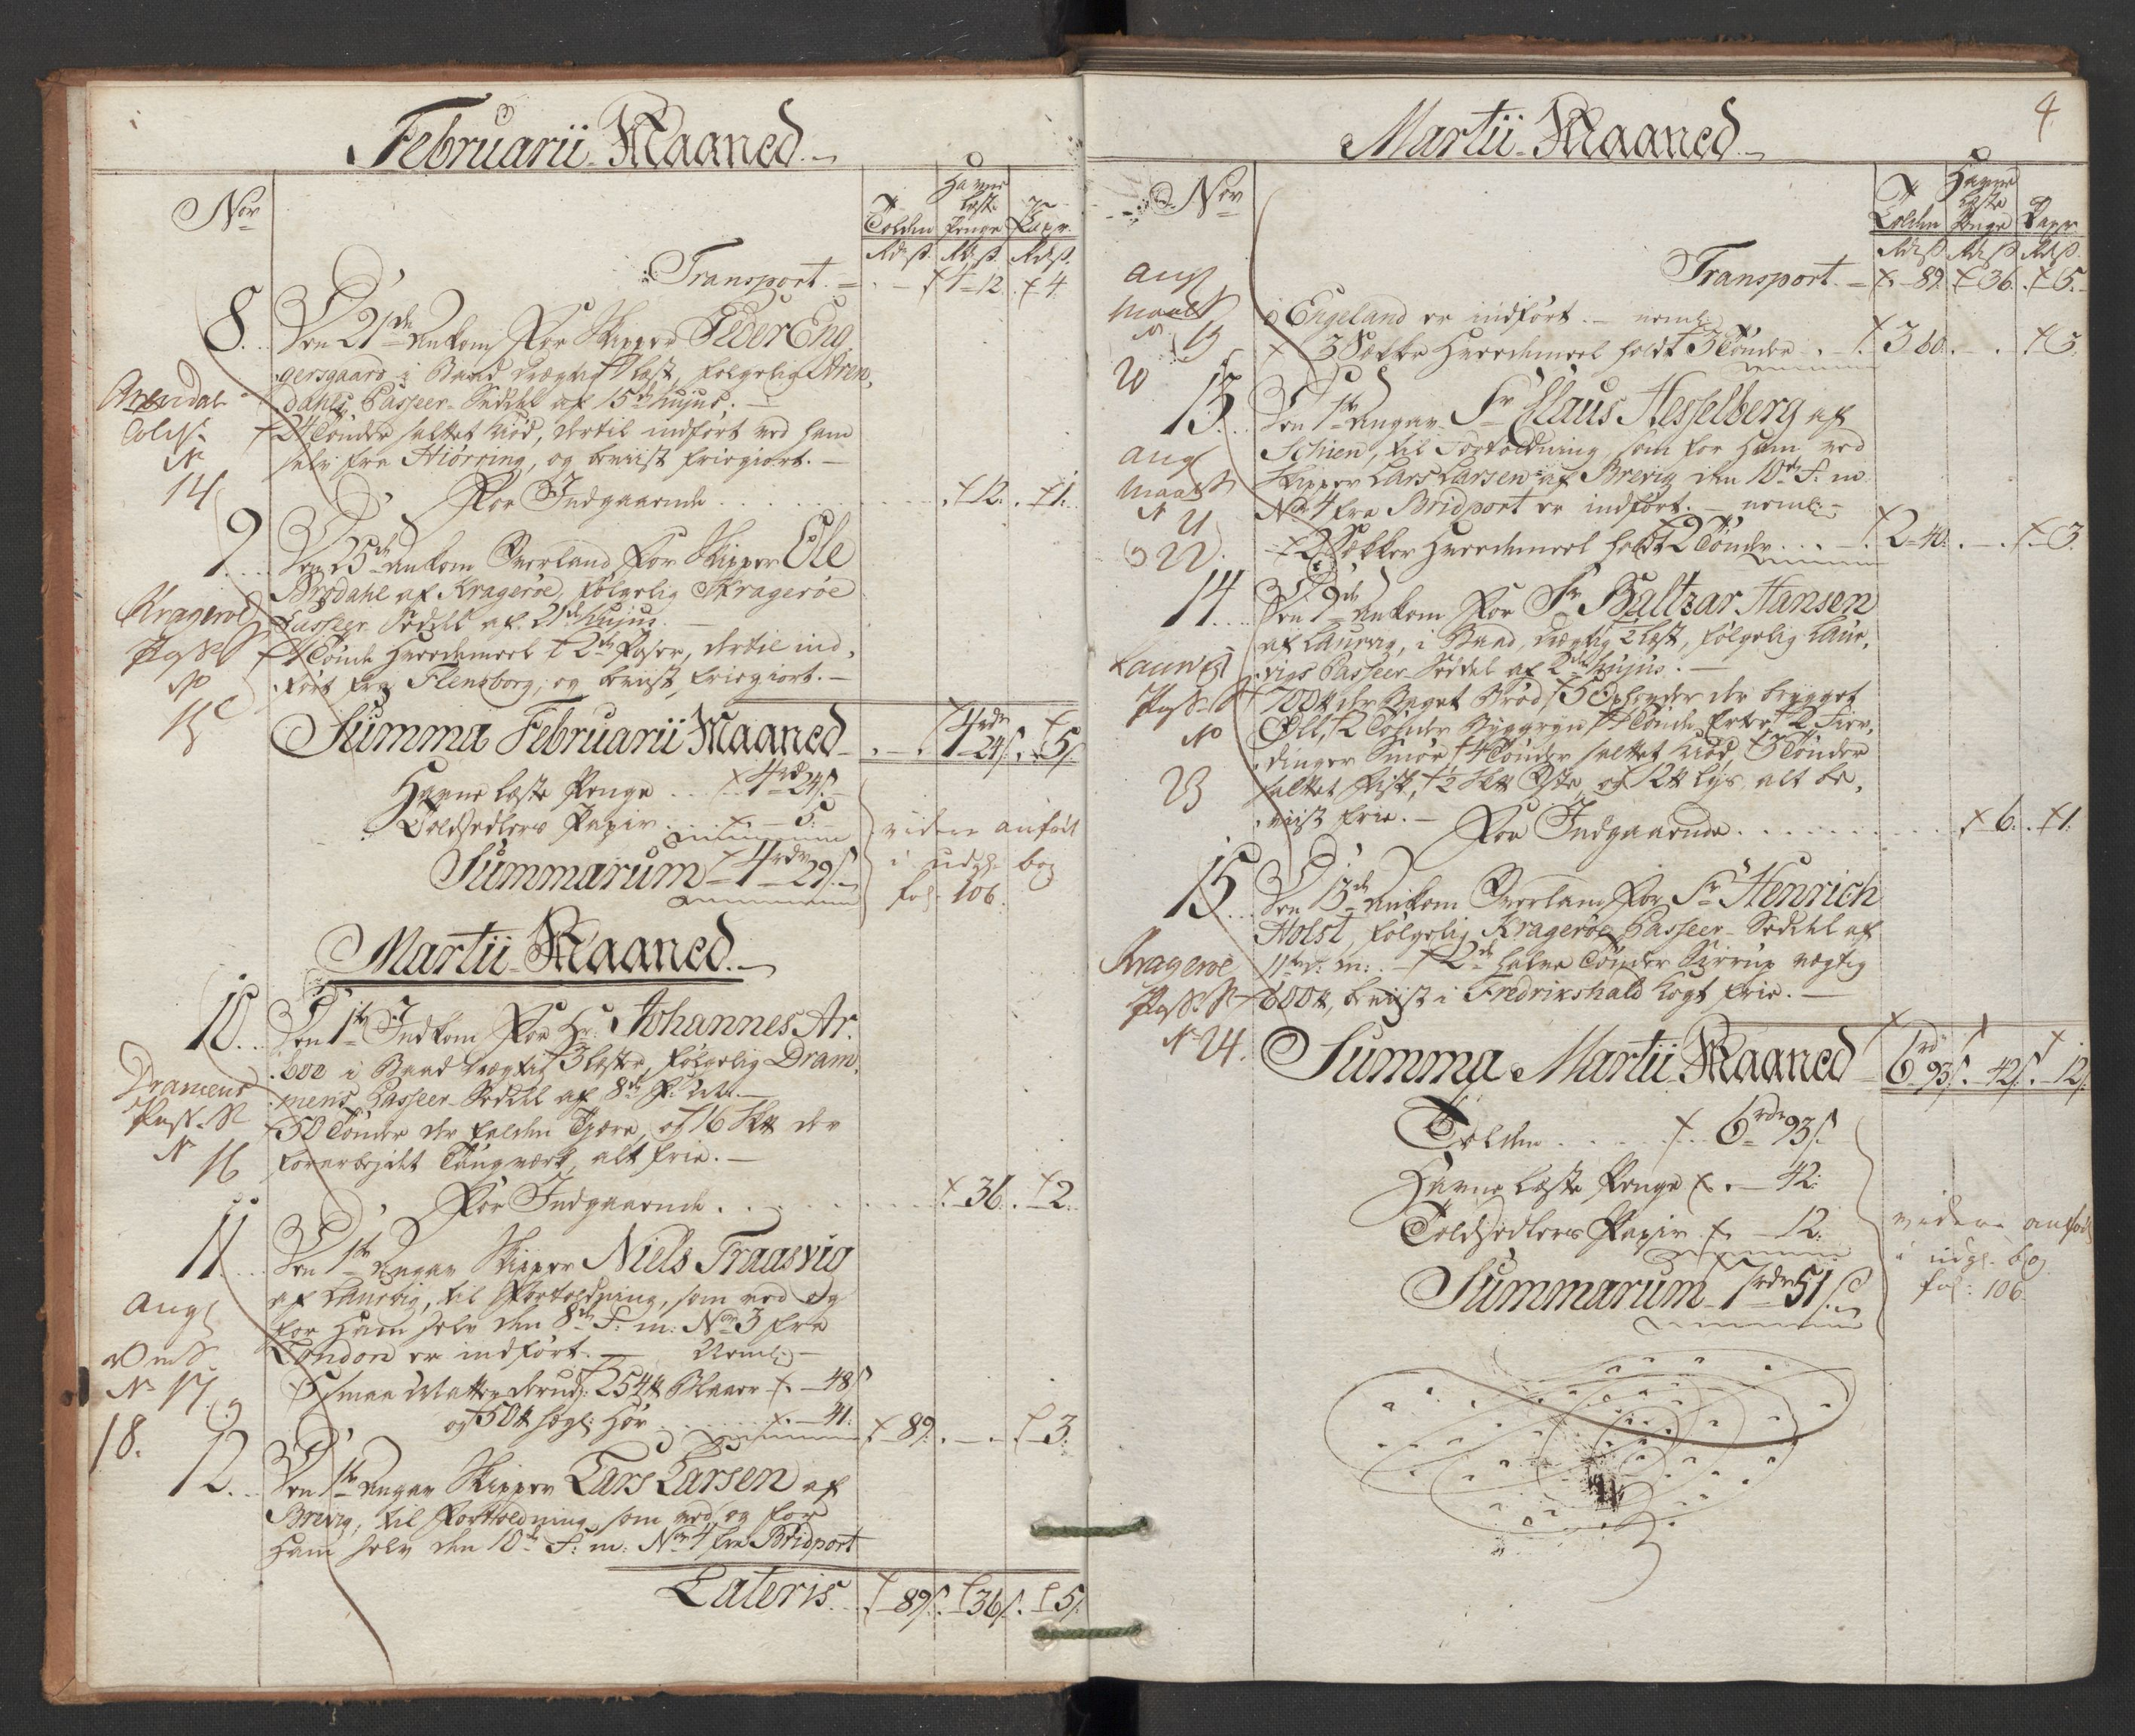 RA, Generaltollkammeret, tollregnskaper, R12/L0118: Tollregnskaper Langesund, 1786, p. 3b-4a